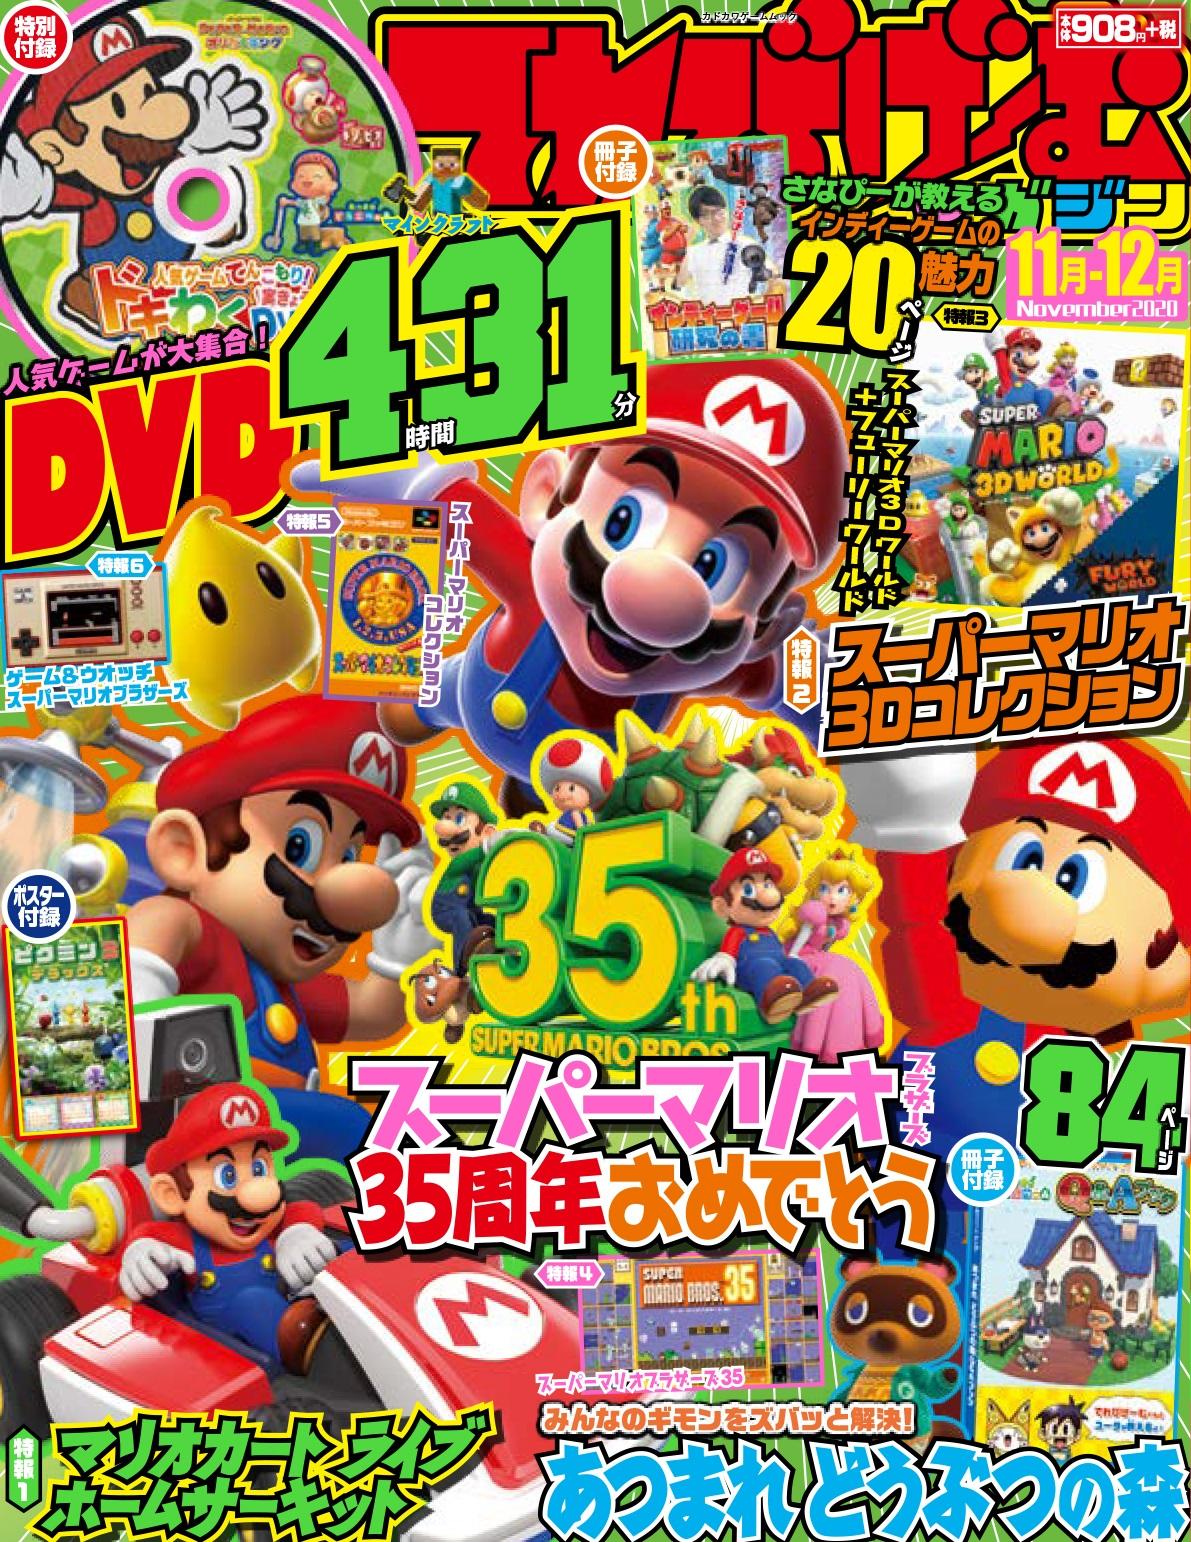 てれびげーむマガジン November  2020 999円